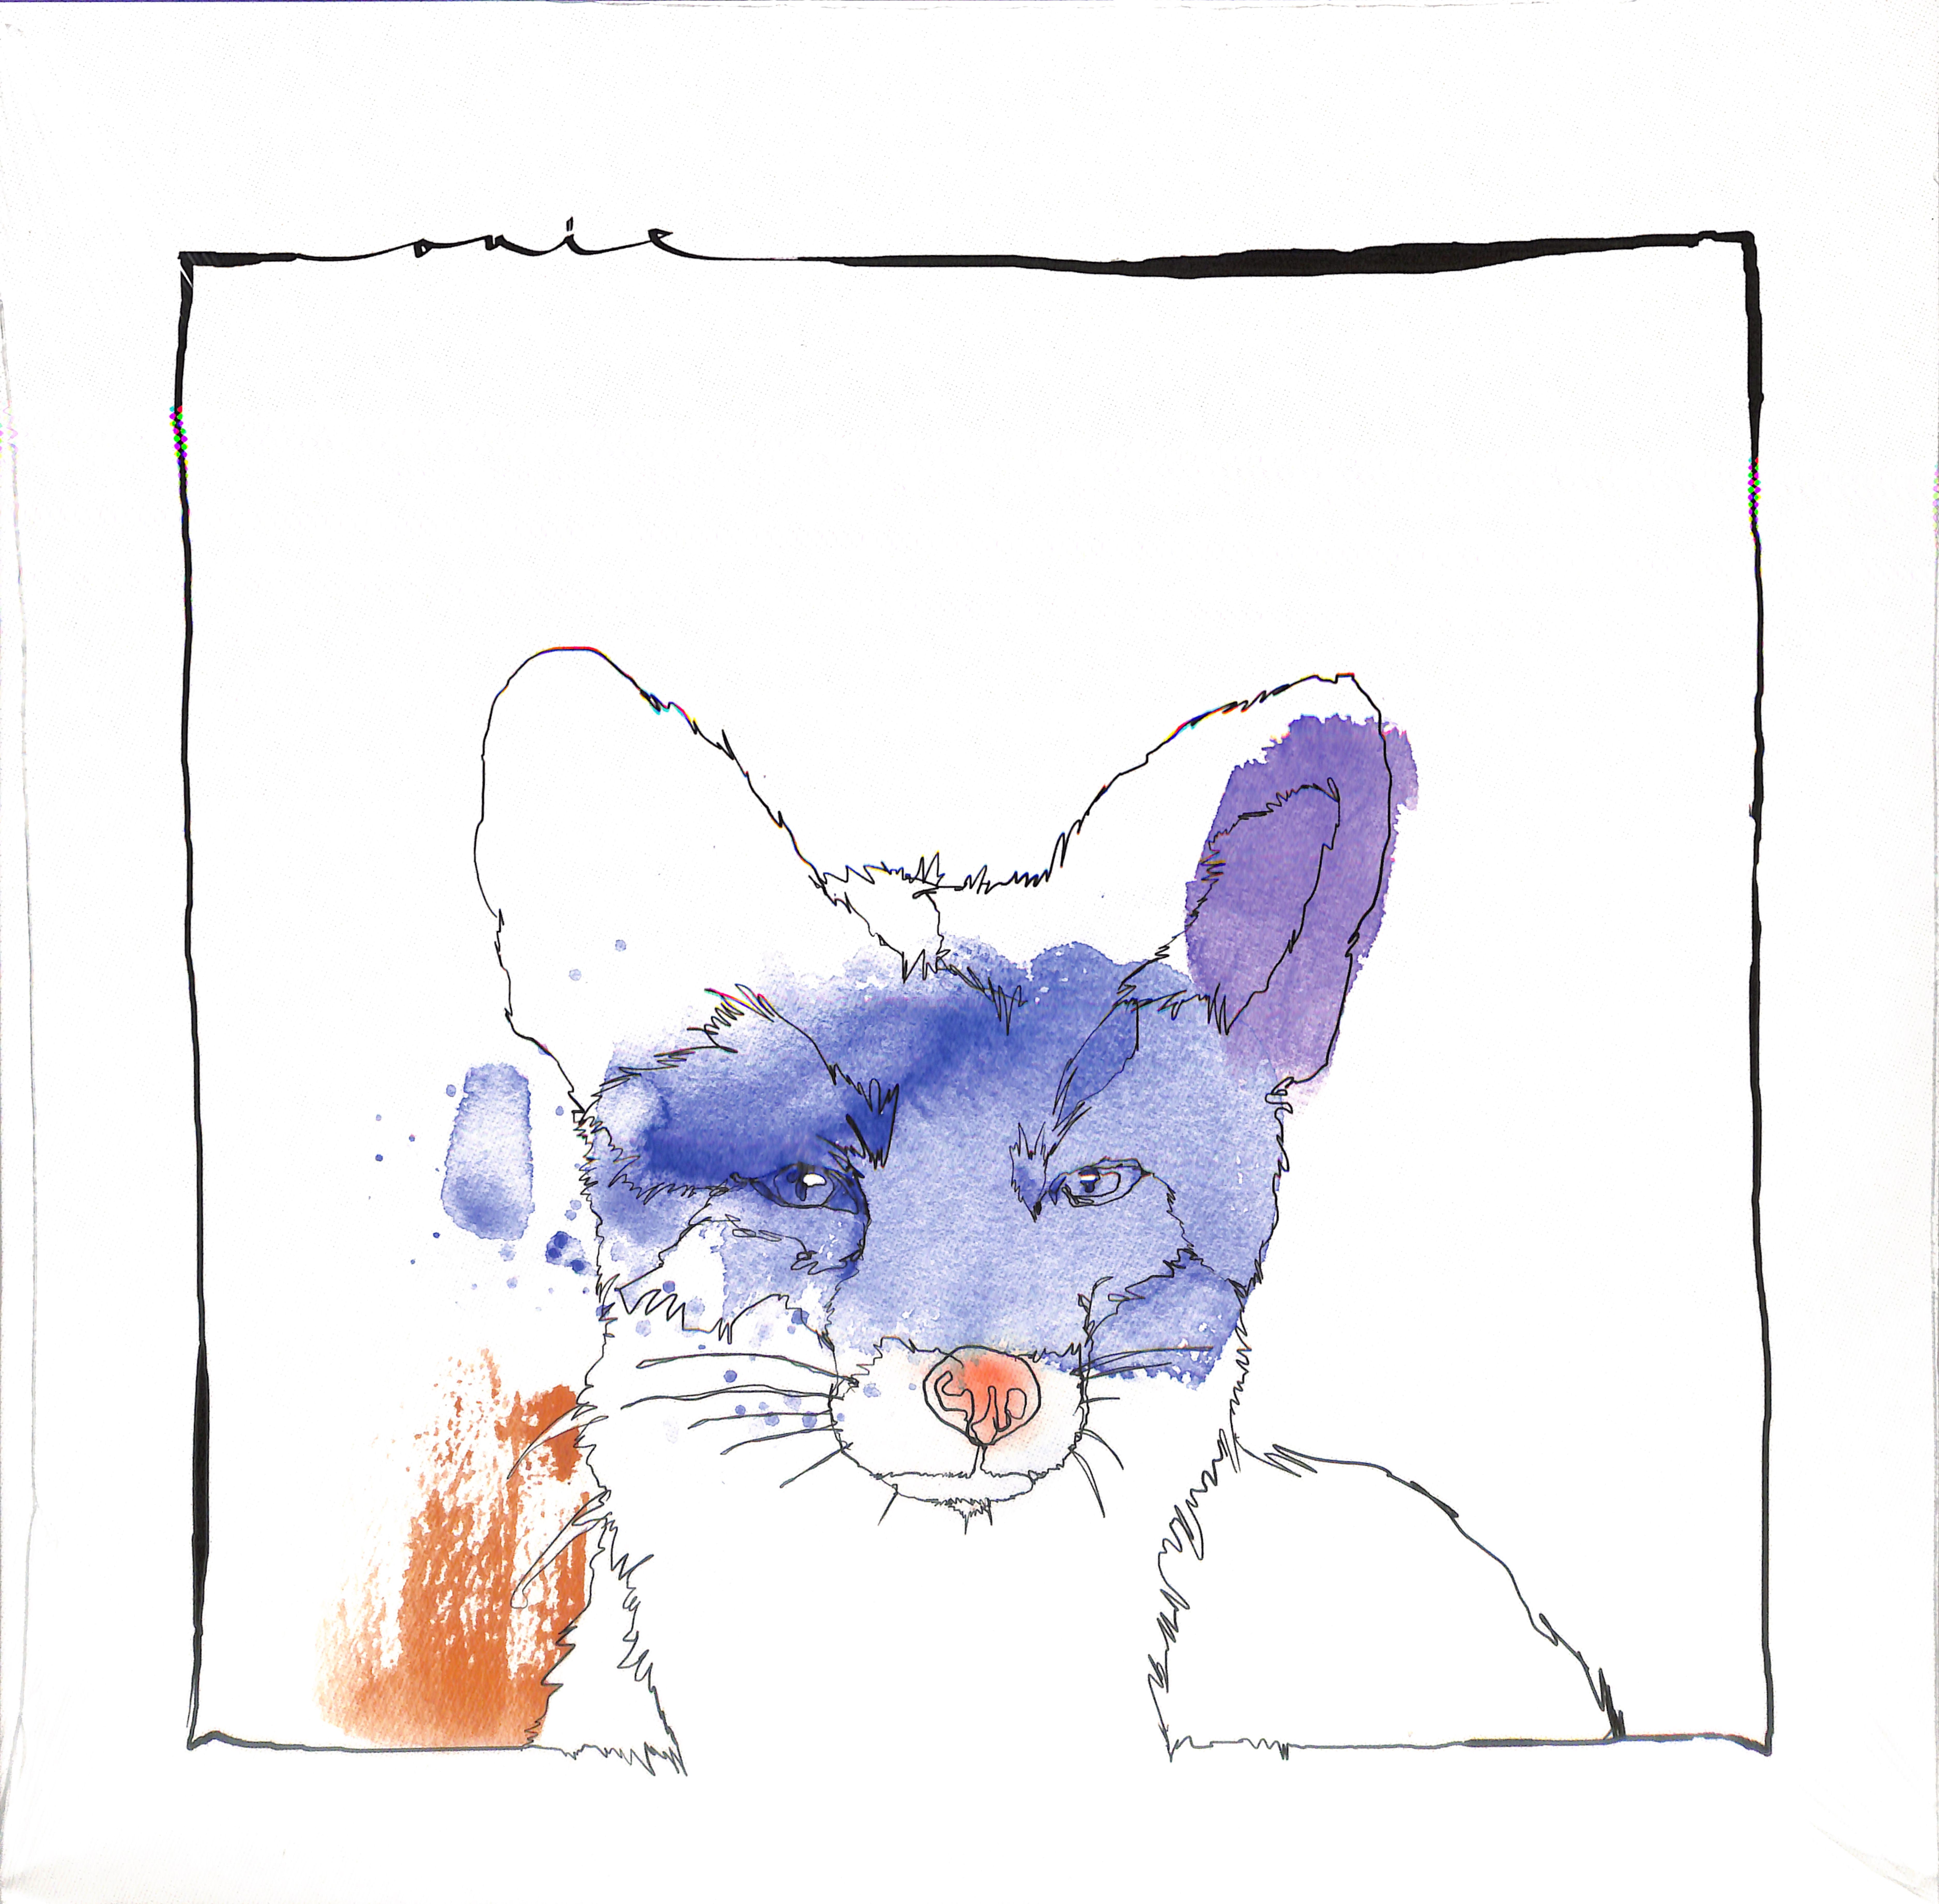 Nico Stojan - CARDANO EP